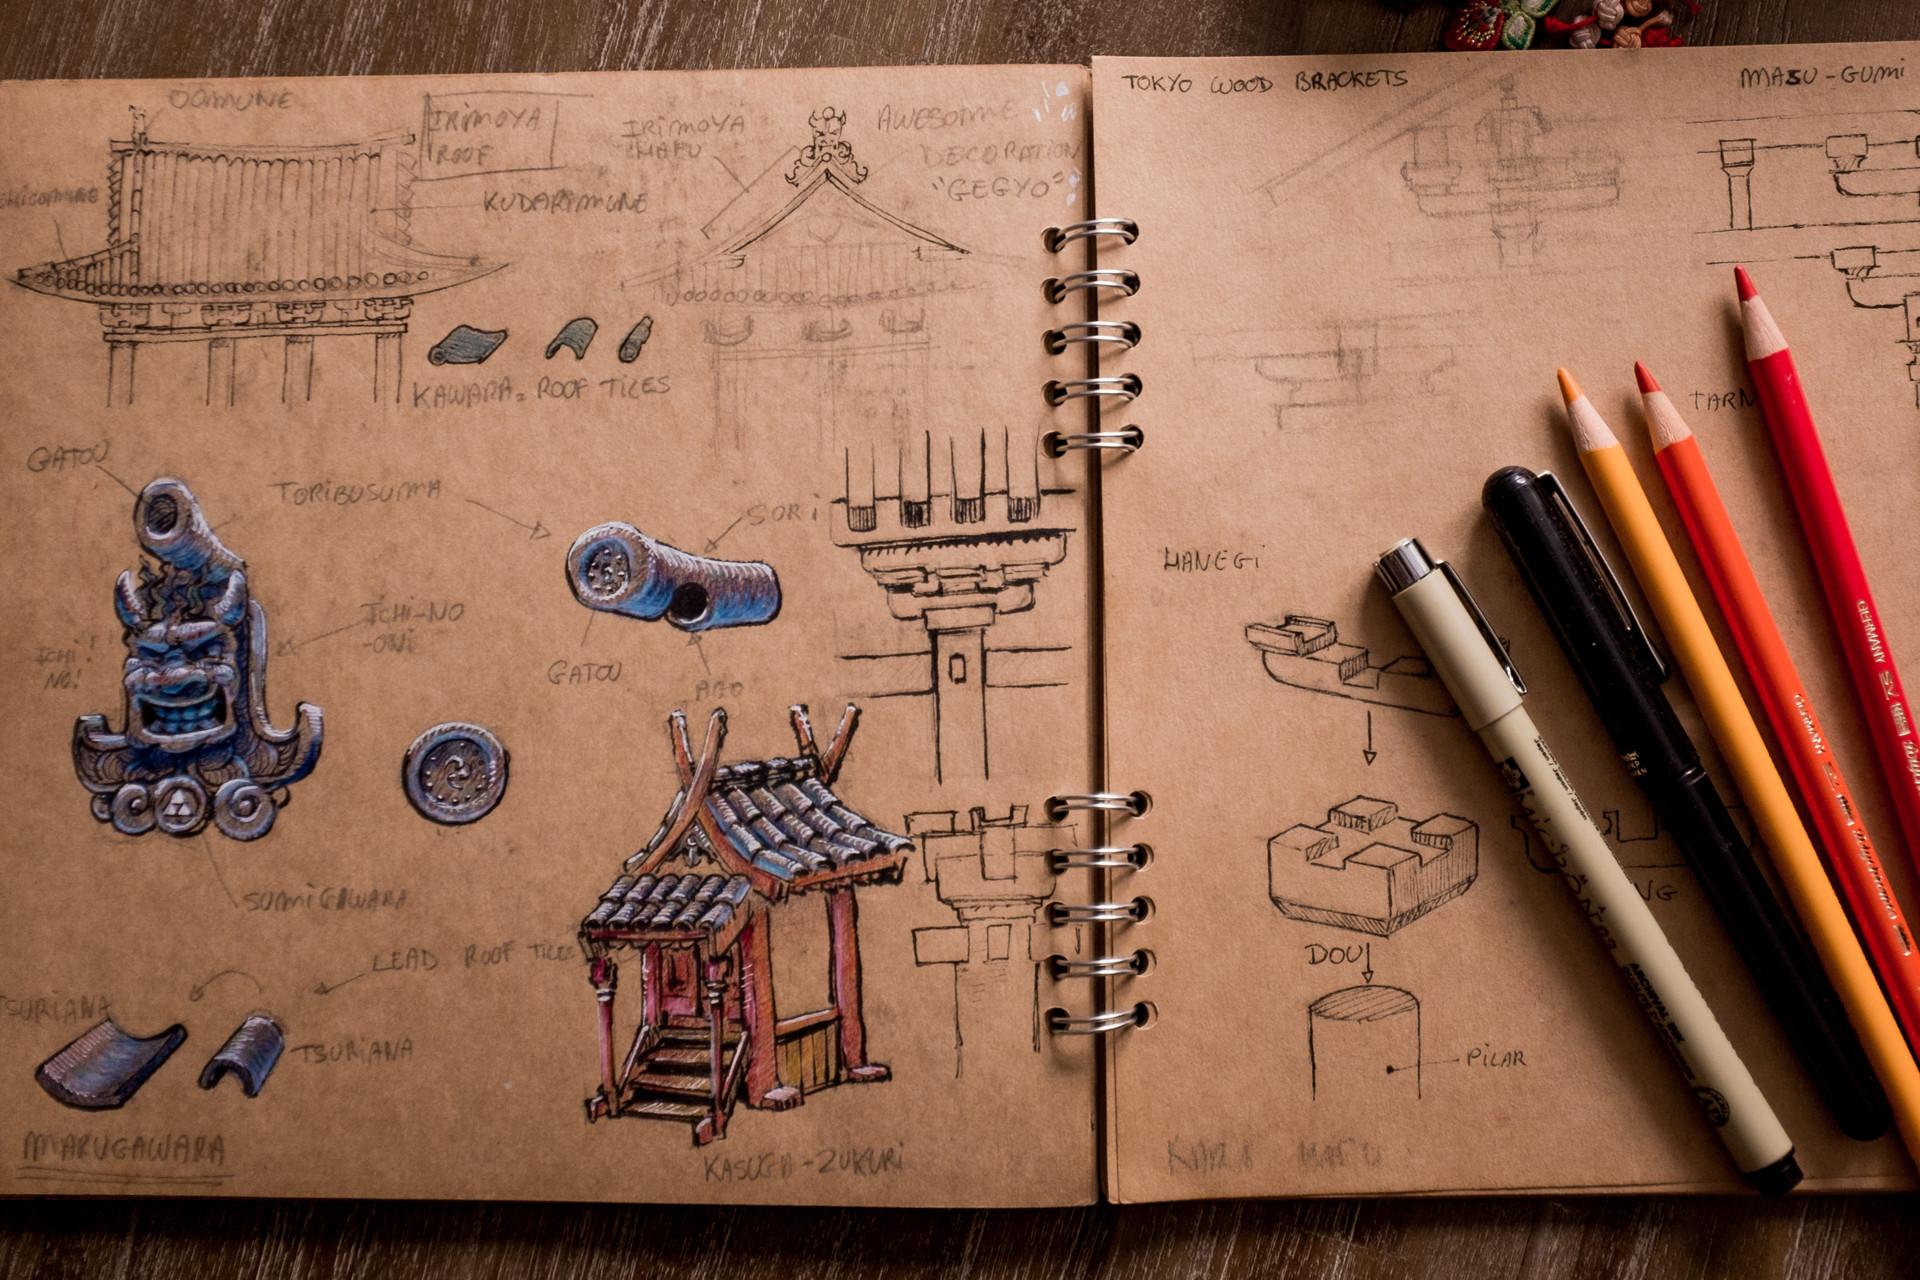 Vincent derozier vincent derozier drawings 5